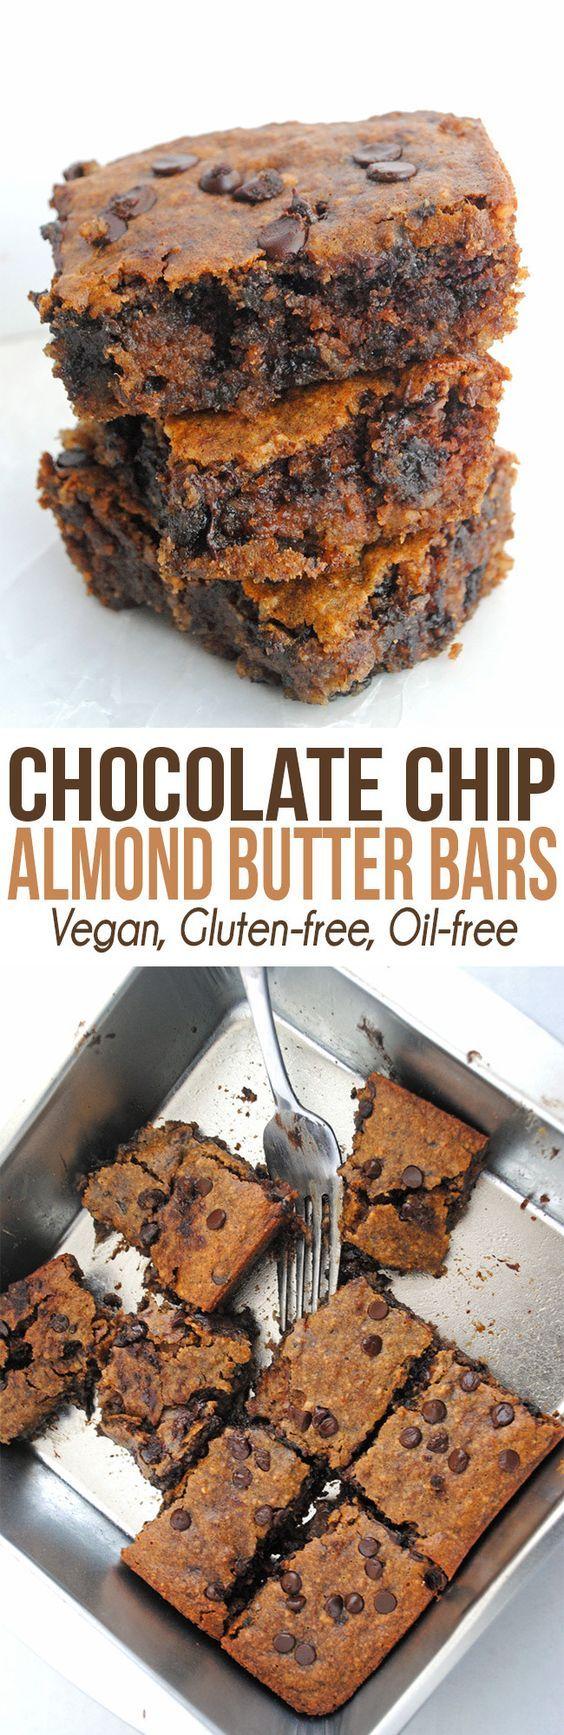 #vegan #glutenfree #chocolate #chocolatechip #foodie #foodporn #baking #dessert #dessertporn